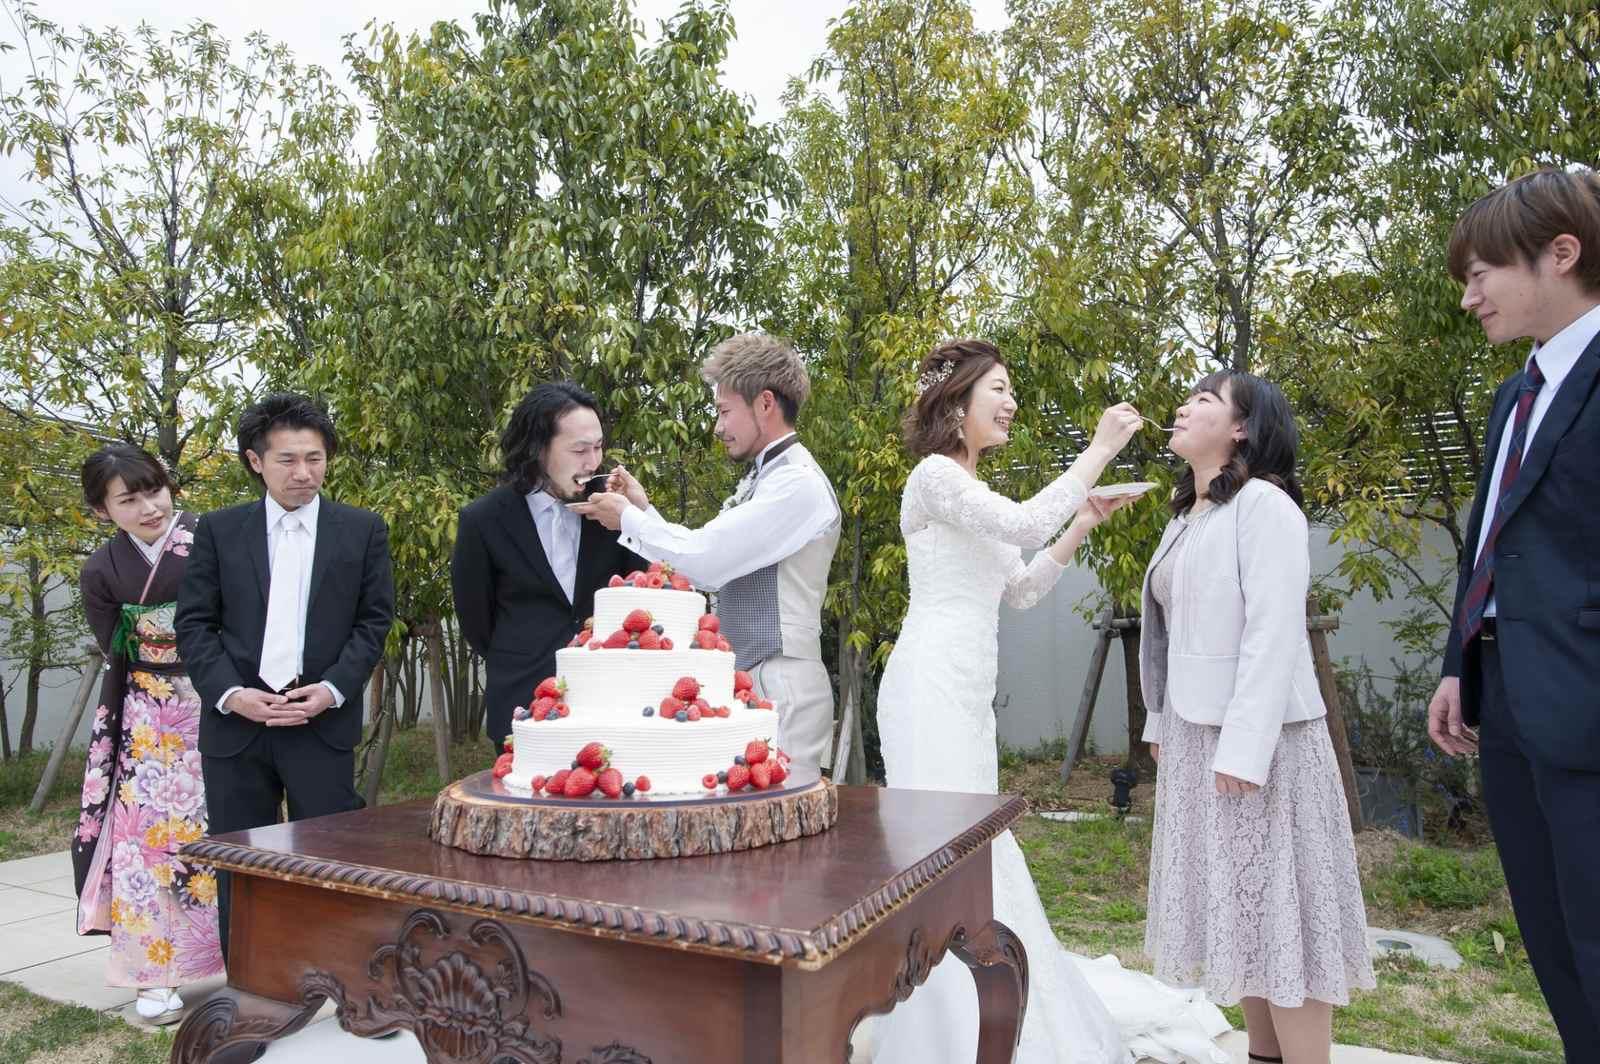 香川県の結婚式場シェルエメール&アイスタイルのサンクスバイト